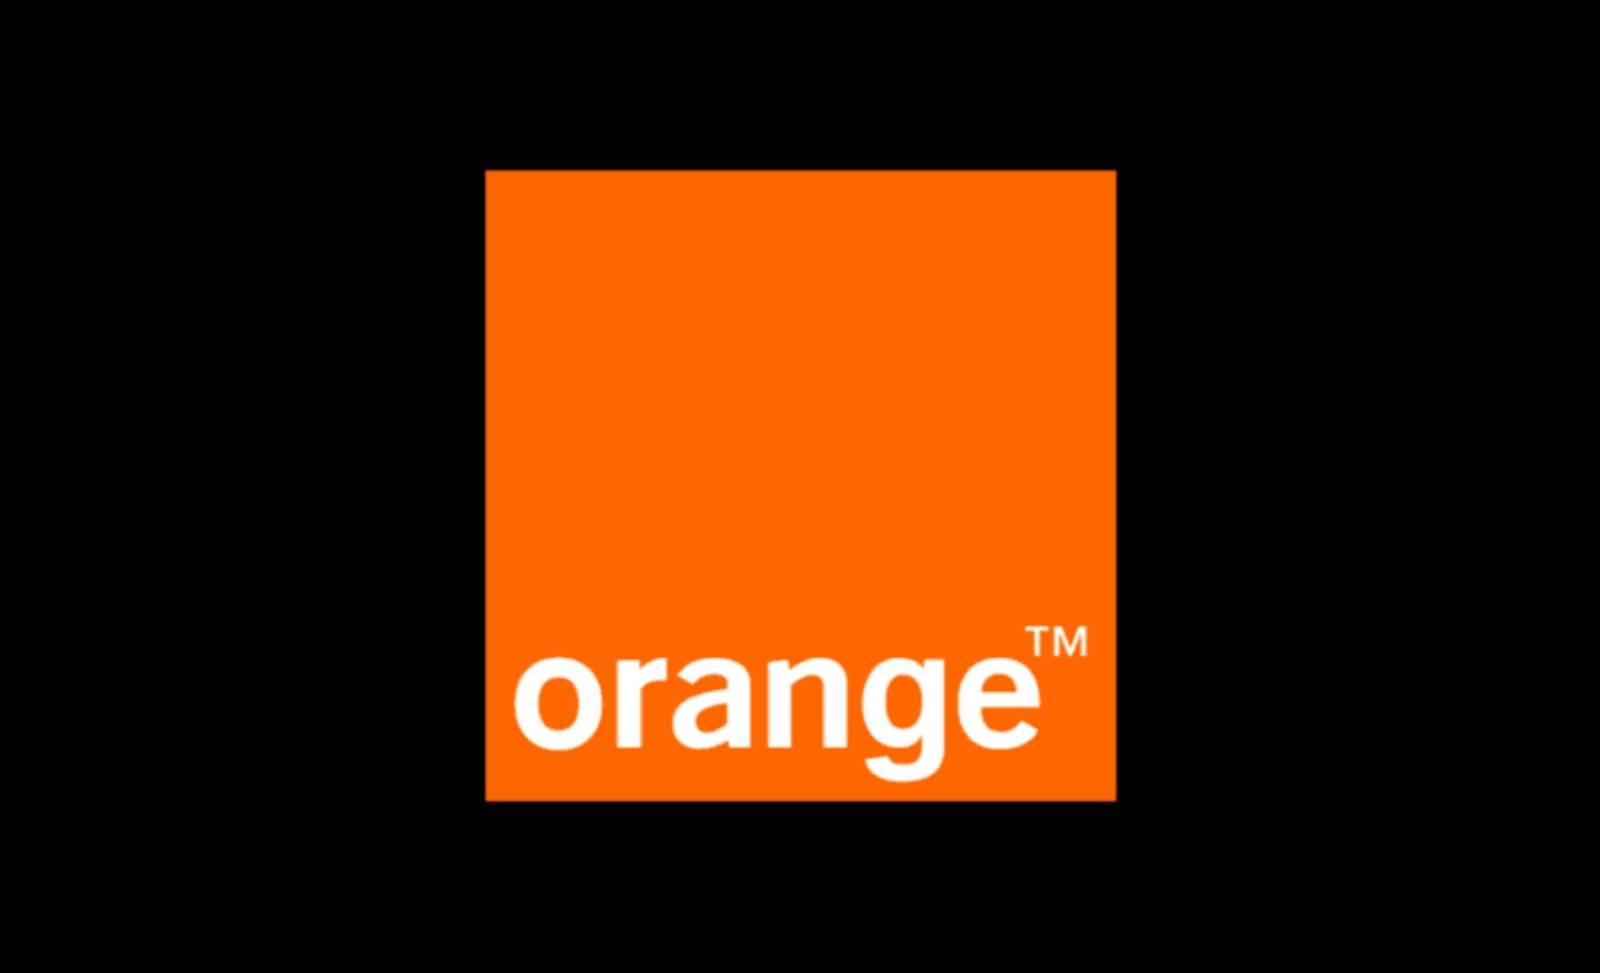 orange investigatie comisia europeana telekom